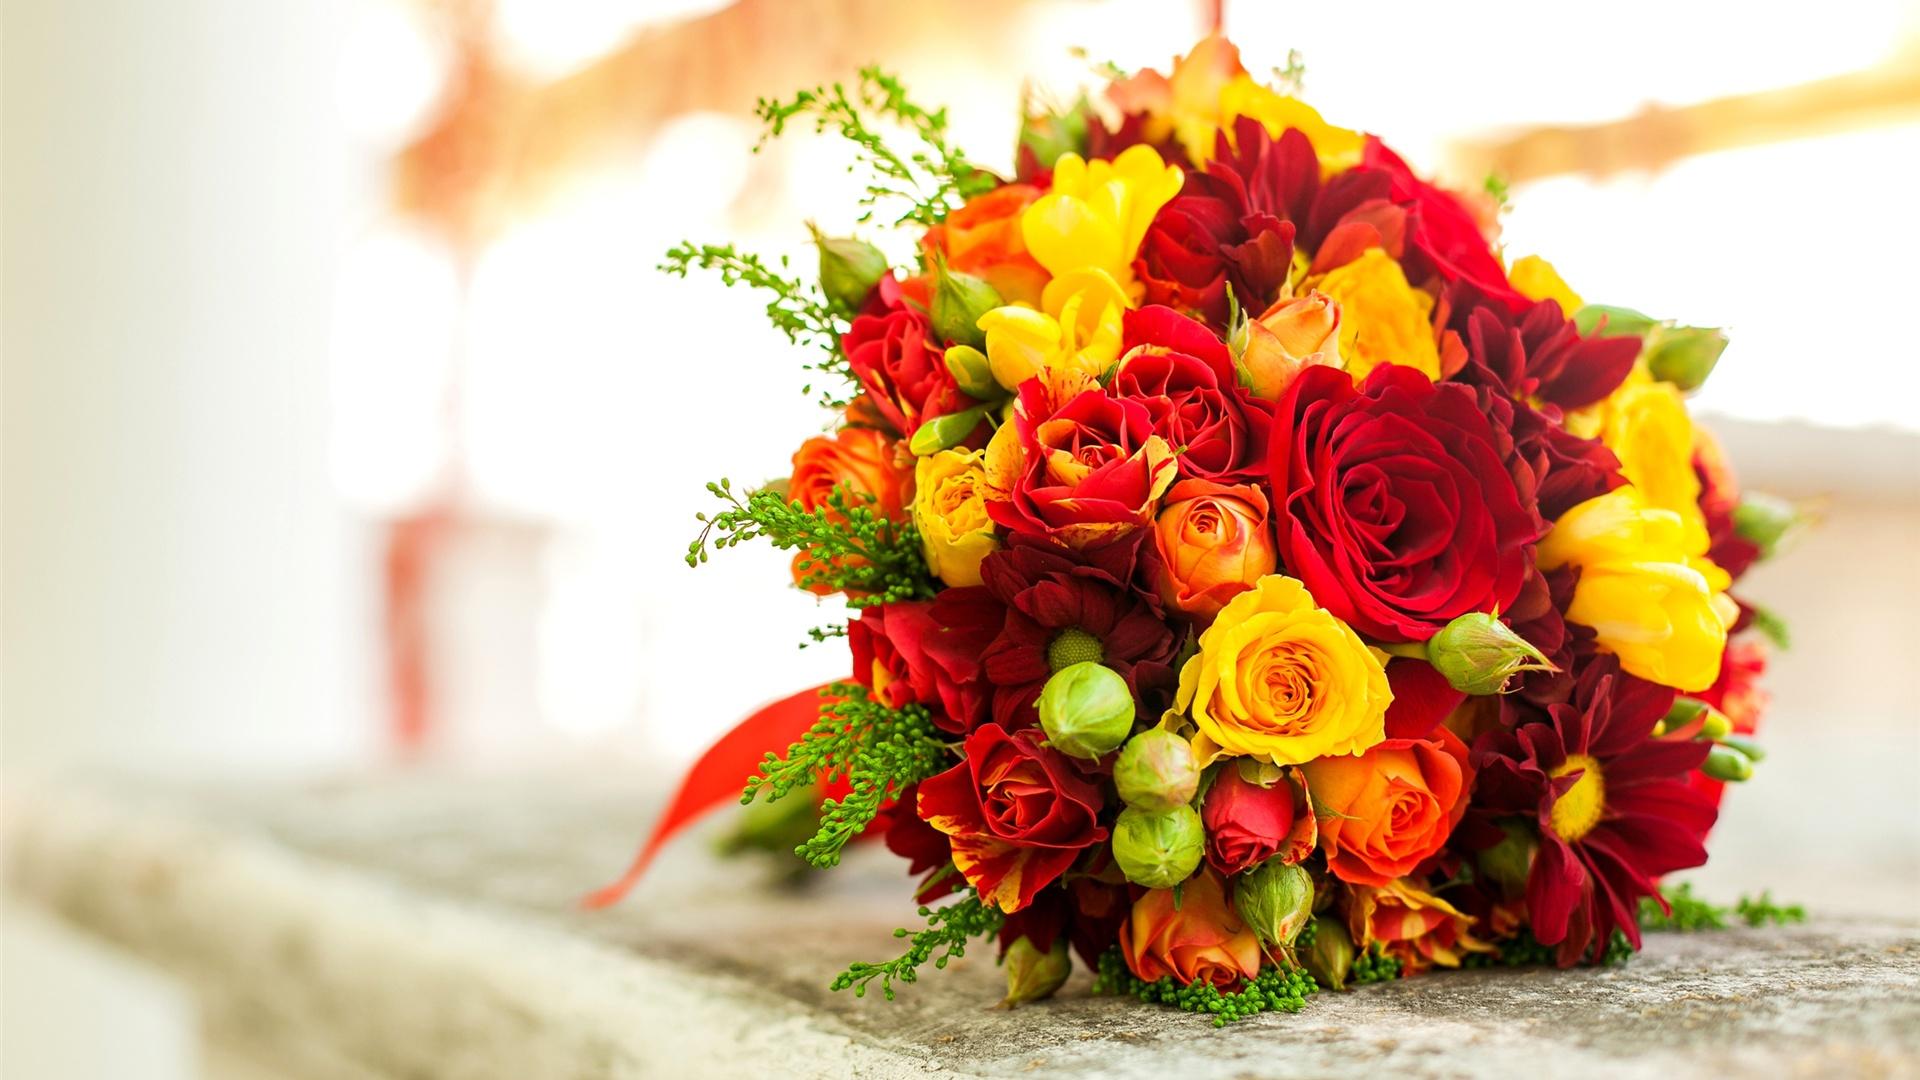 Fonds D Ecran Bouquet De Fleurs Jaune Rose Rouge 2560x1600 Hd Image